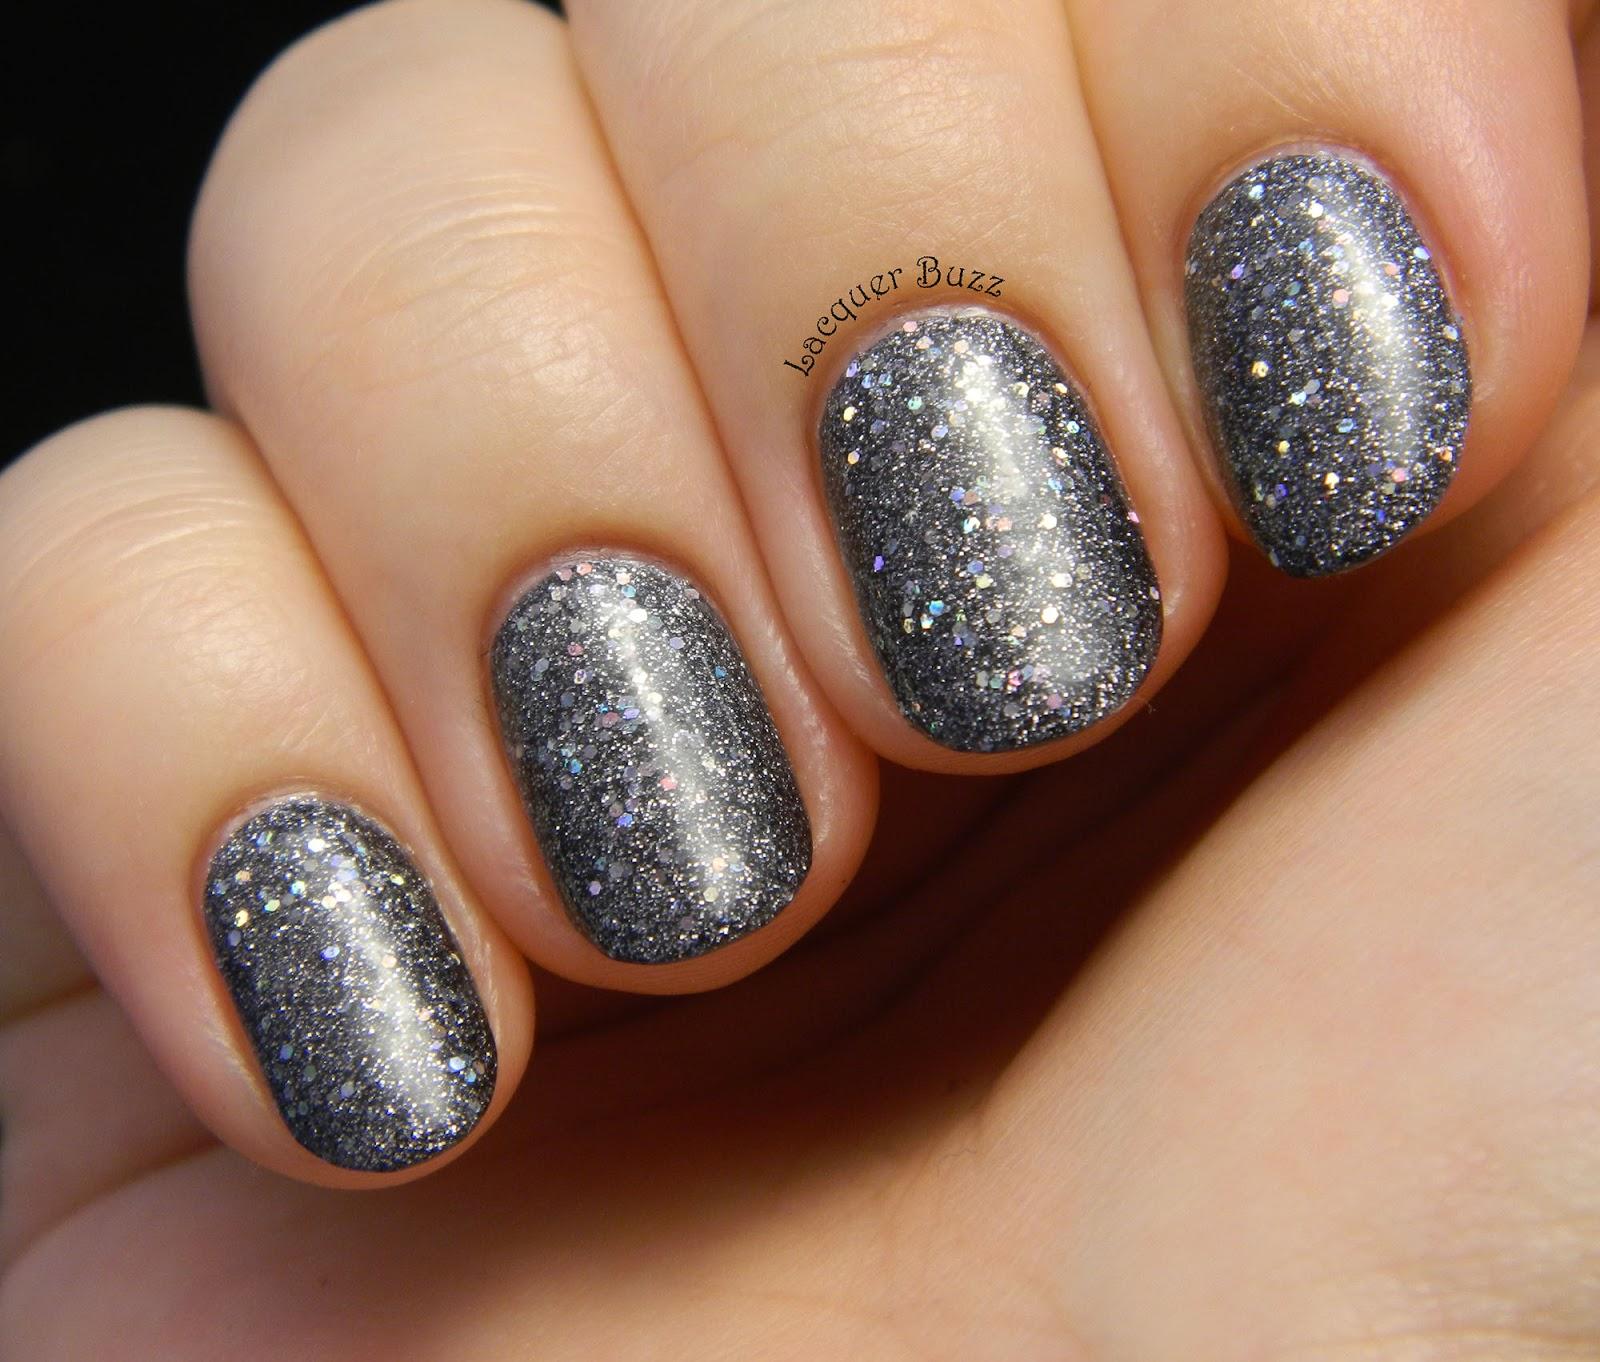 Lacquer Buzz: Rimmel Diamond Dust